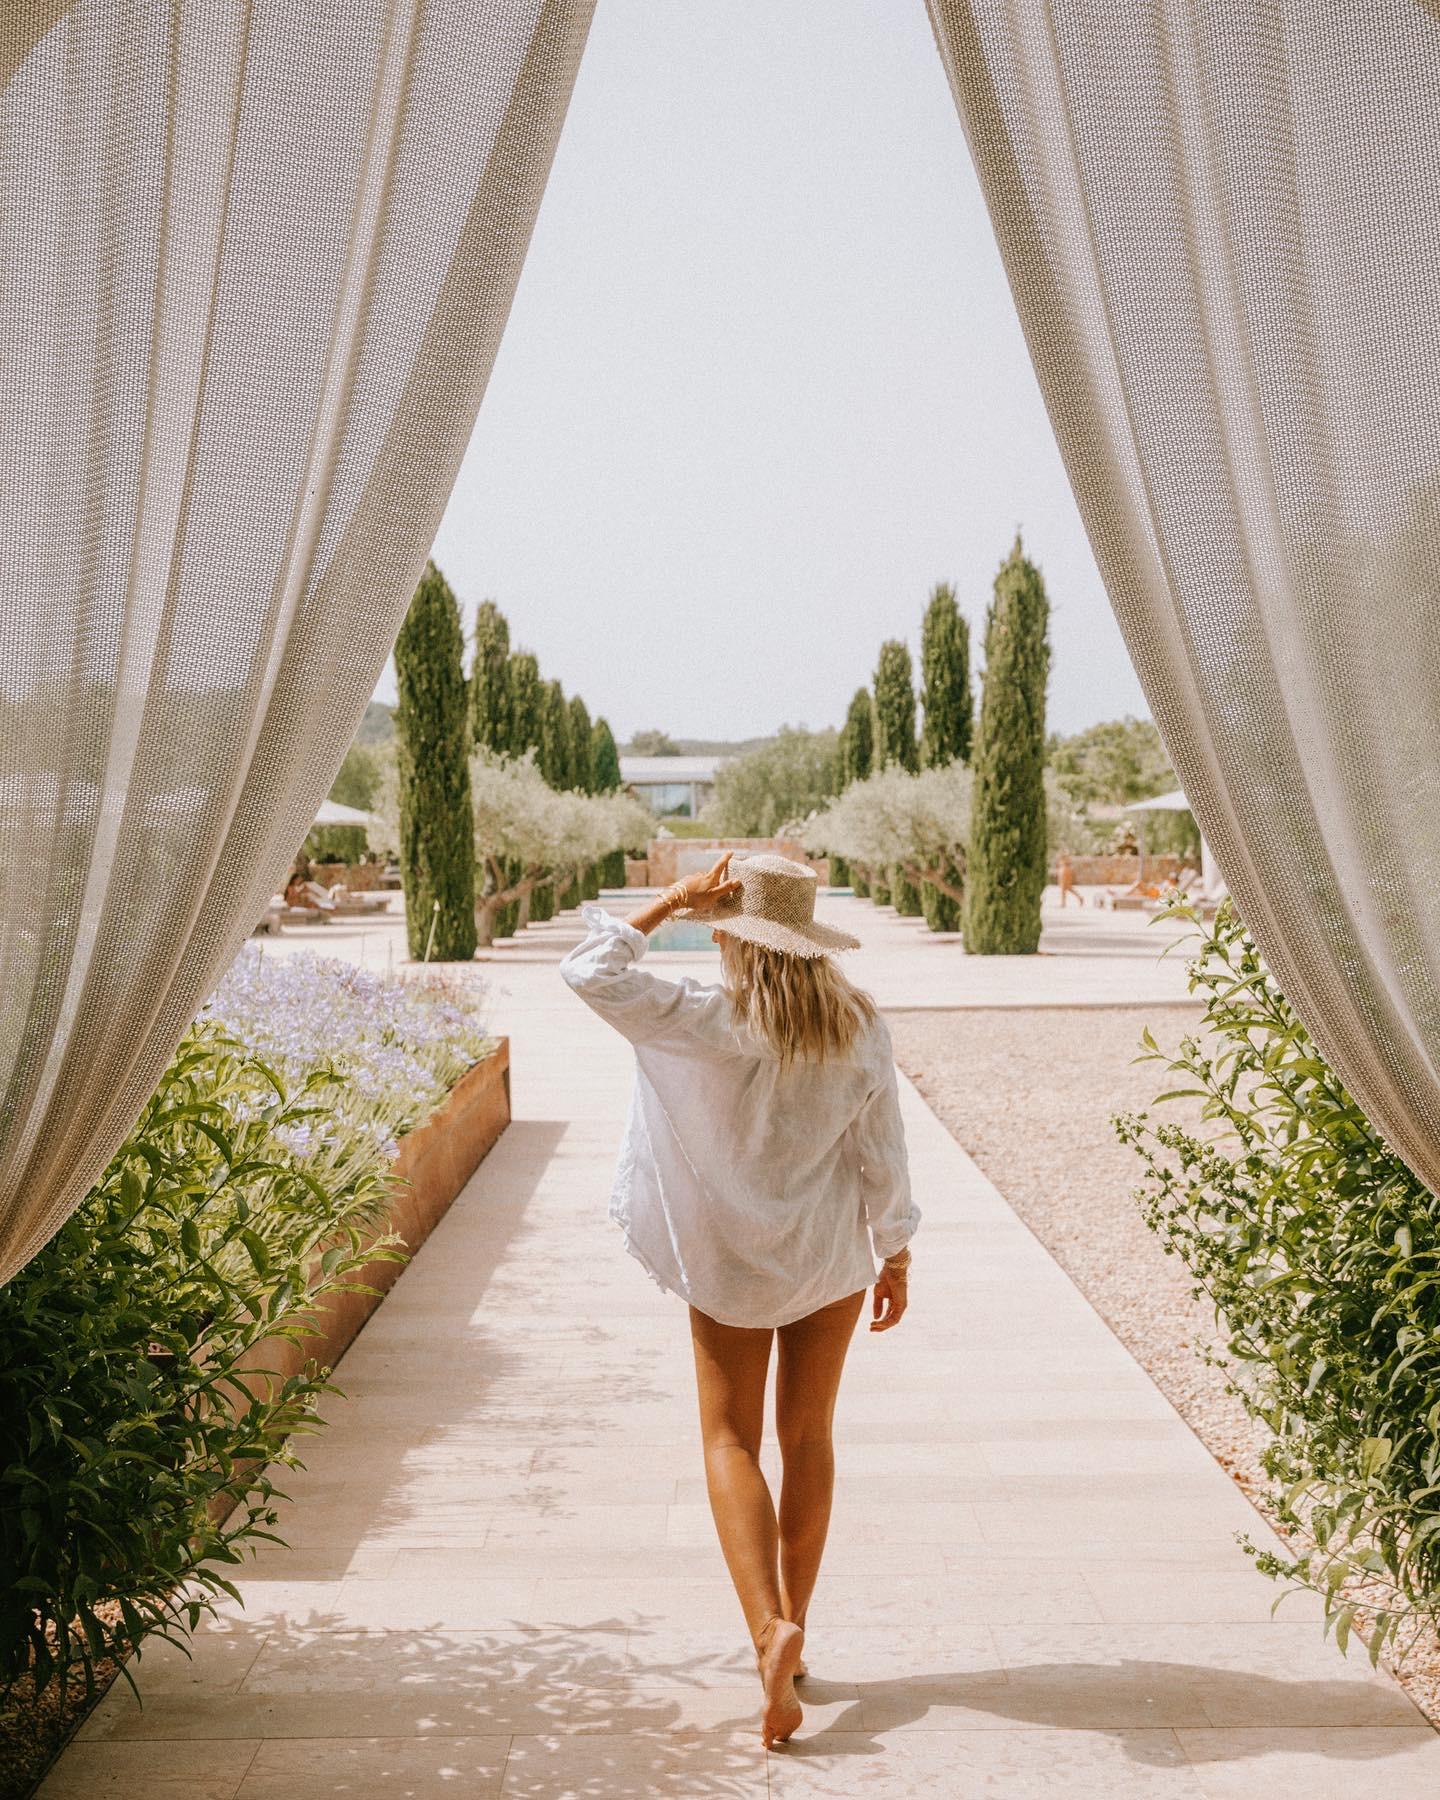 Hotel Ibiza - Blondie Baby blog voyages